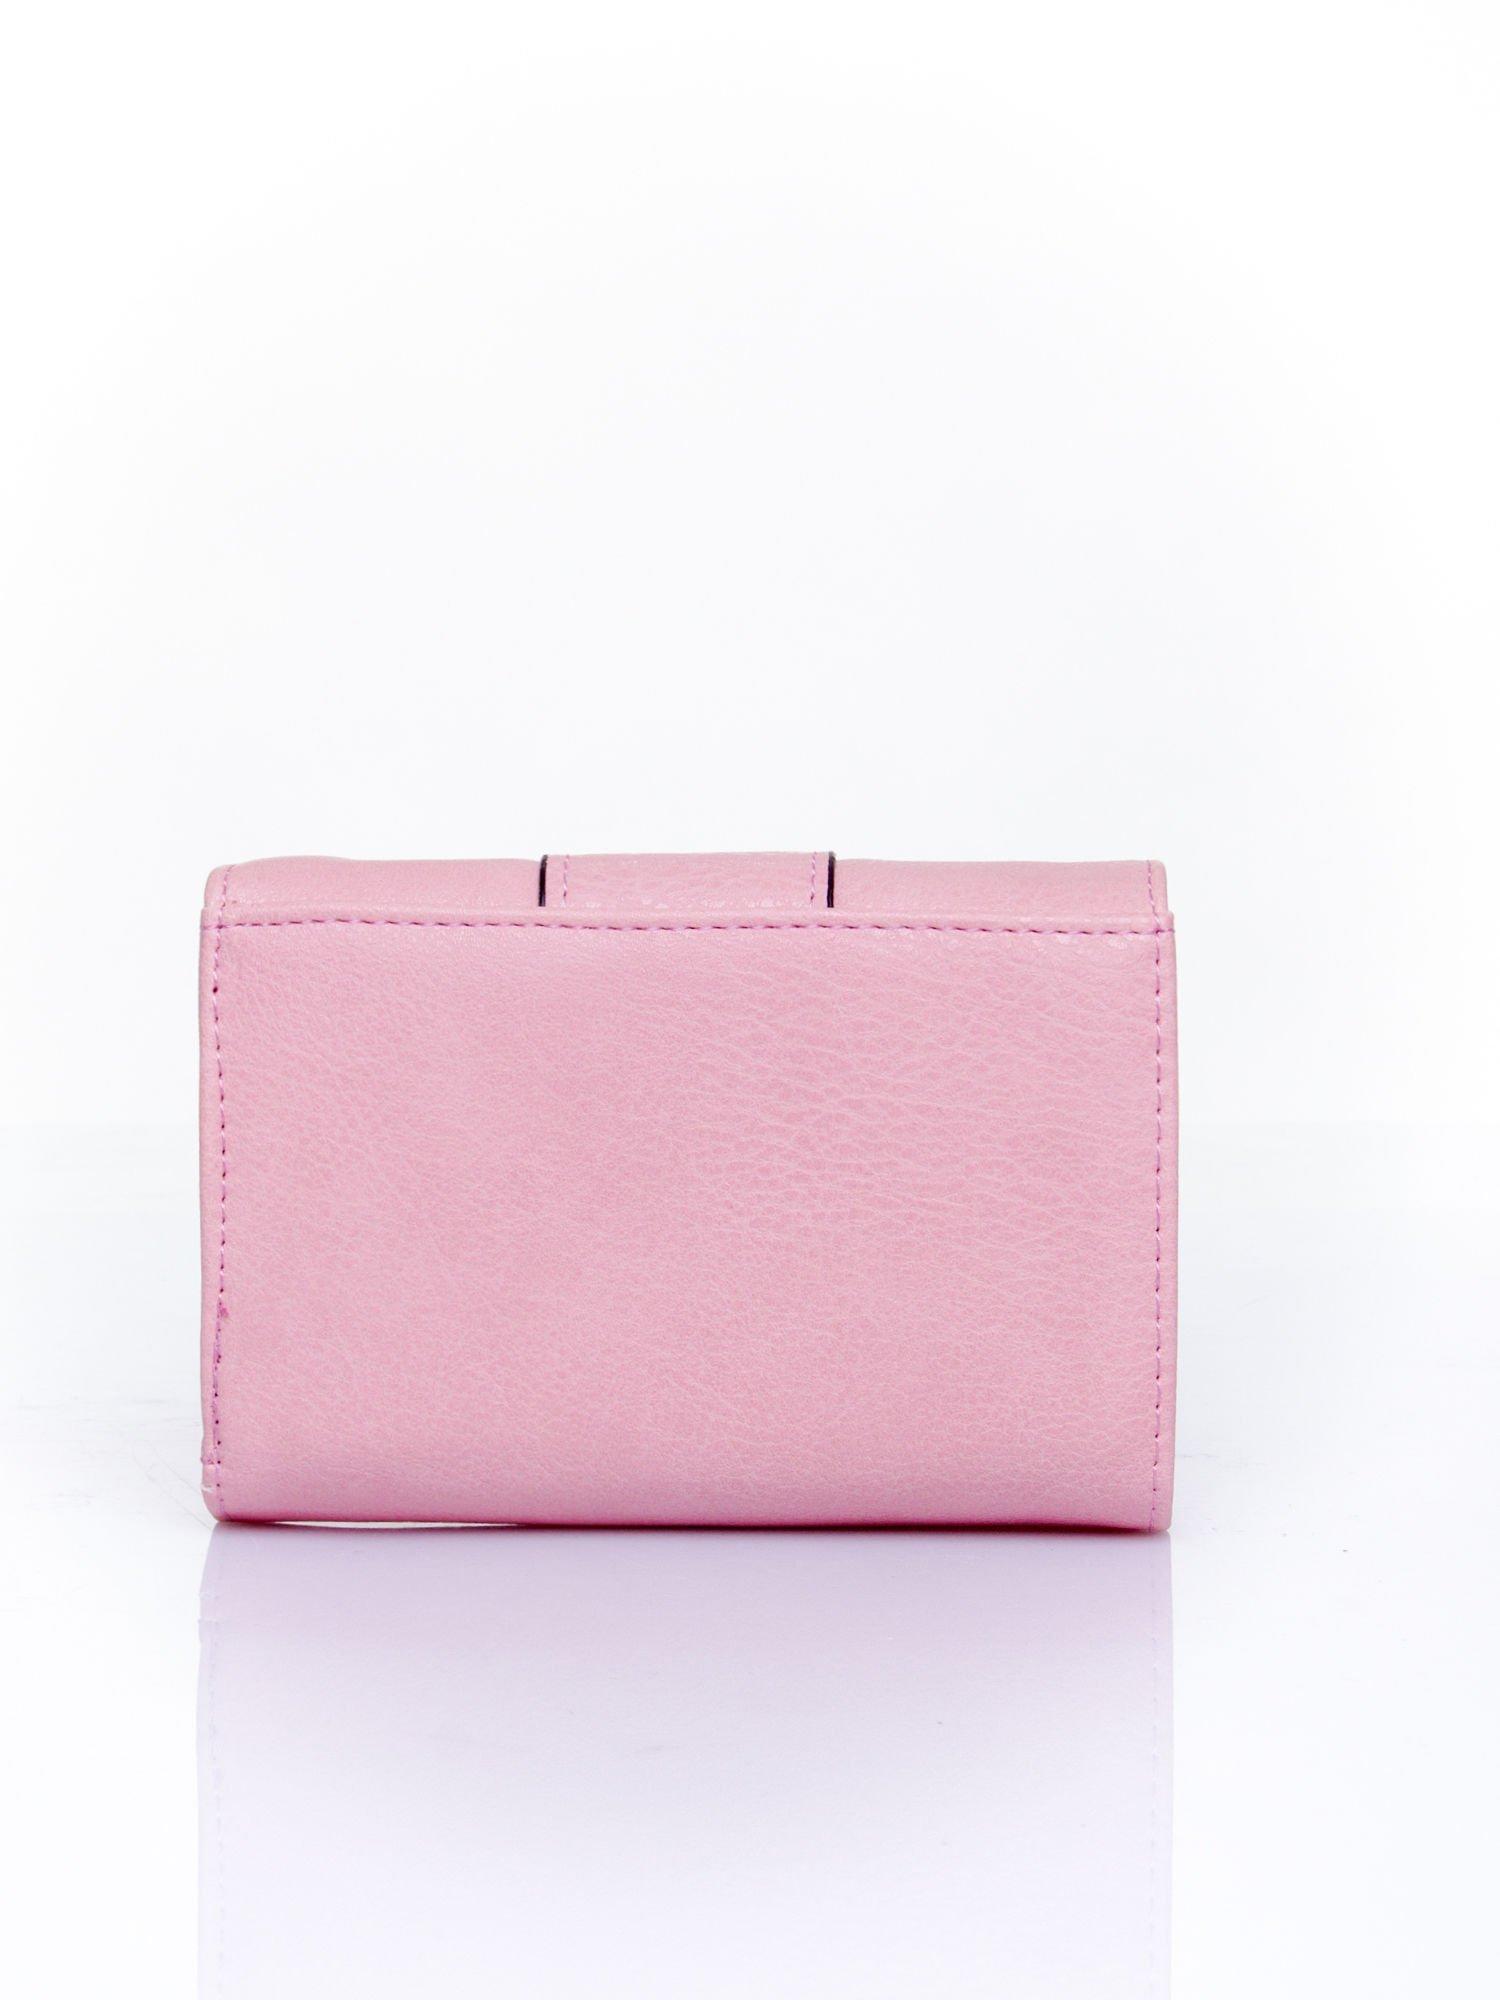 Różowy portfel z ozdobnym zapięciem                                  zdj.                                  2